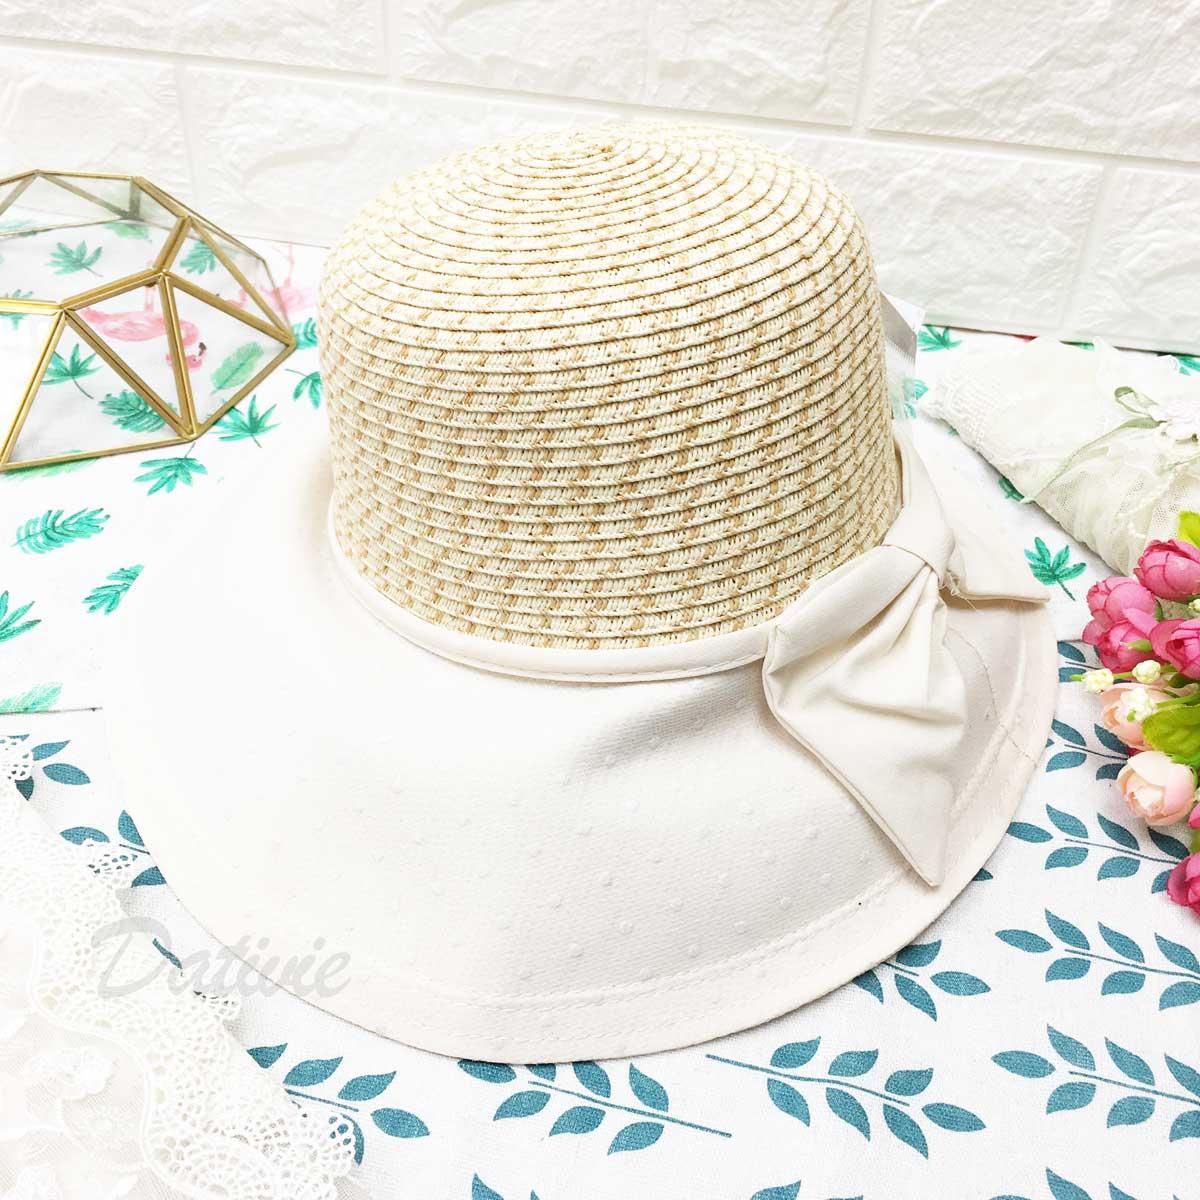 米色 編織 圍布邊 點點 蝴蝶結 附可調式鬆緊帶 帽子 遮陽帽 草帽